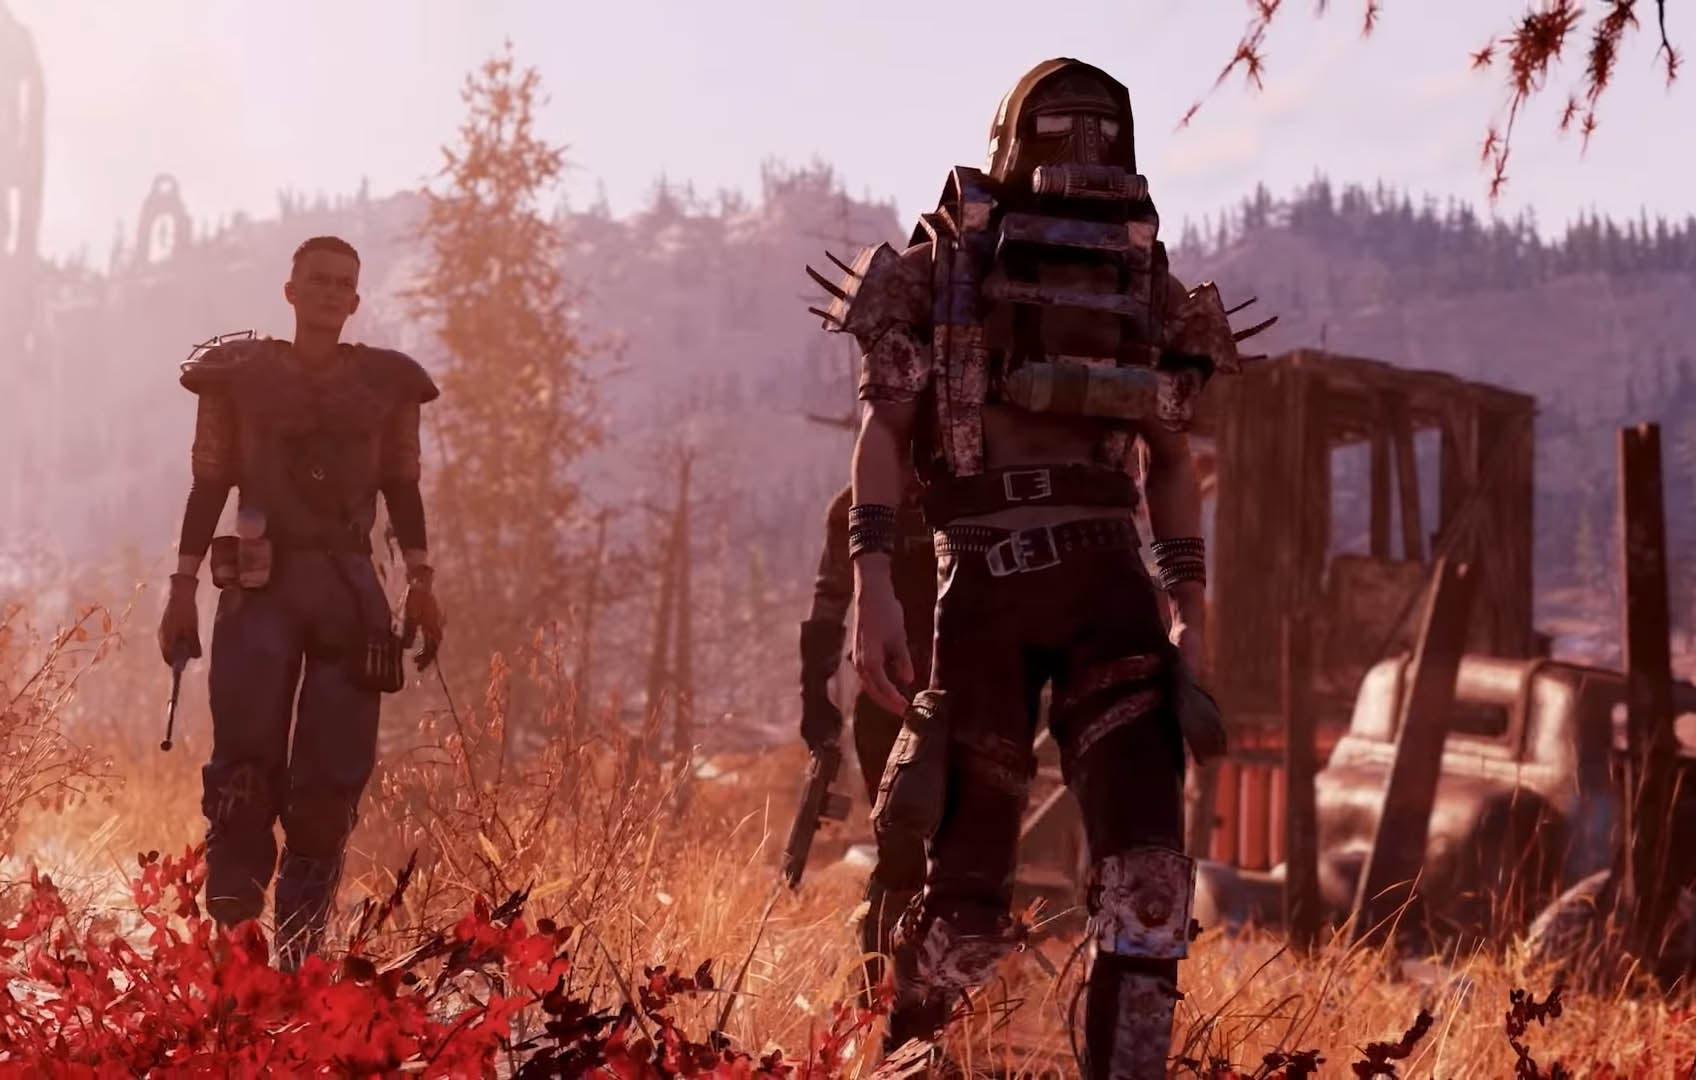 Llega una nueva actualización a Fallout 76 con notables mejoras 1